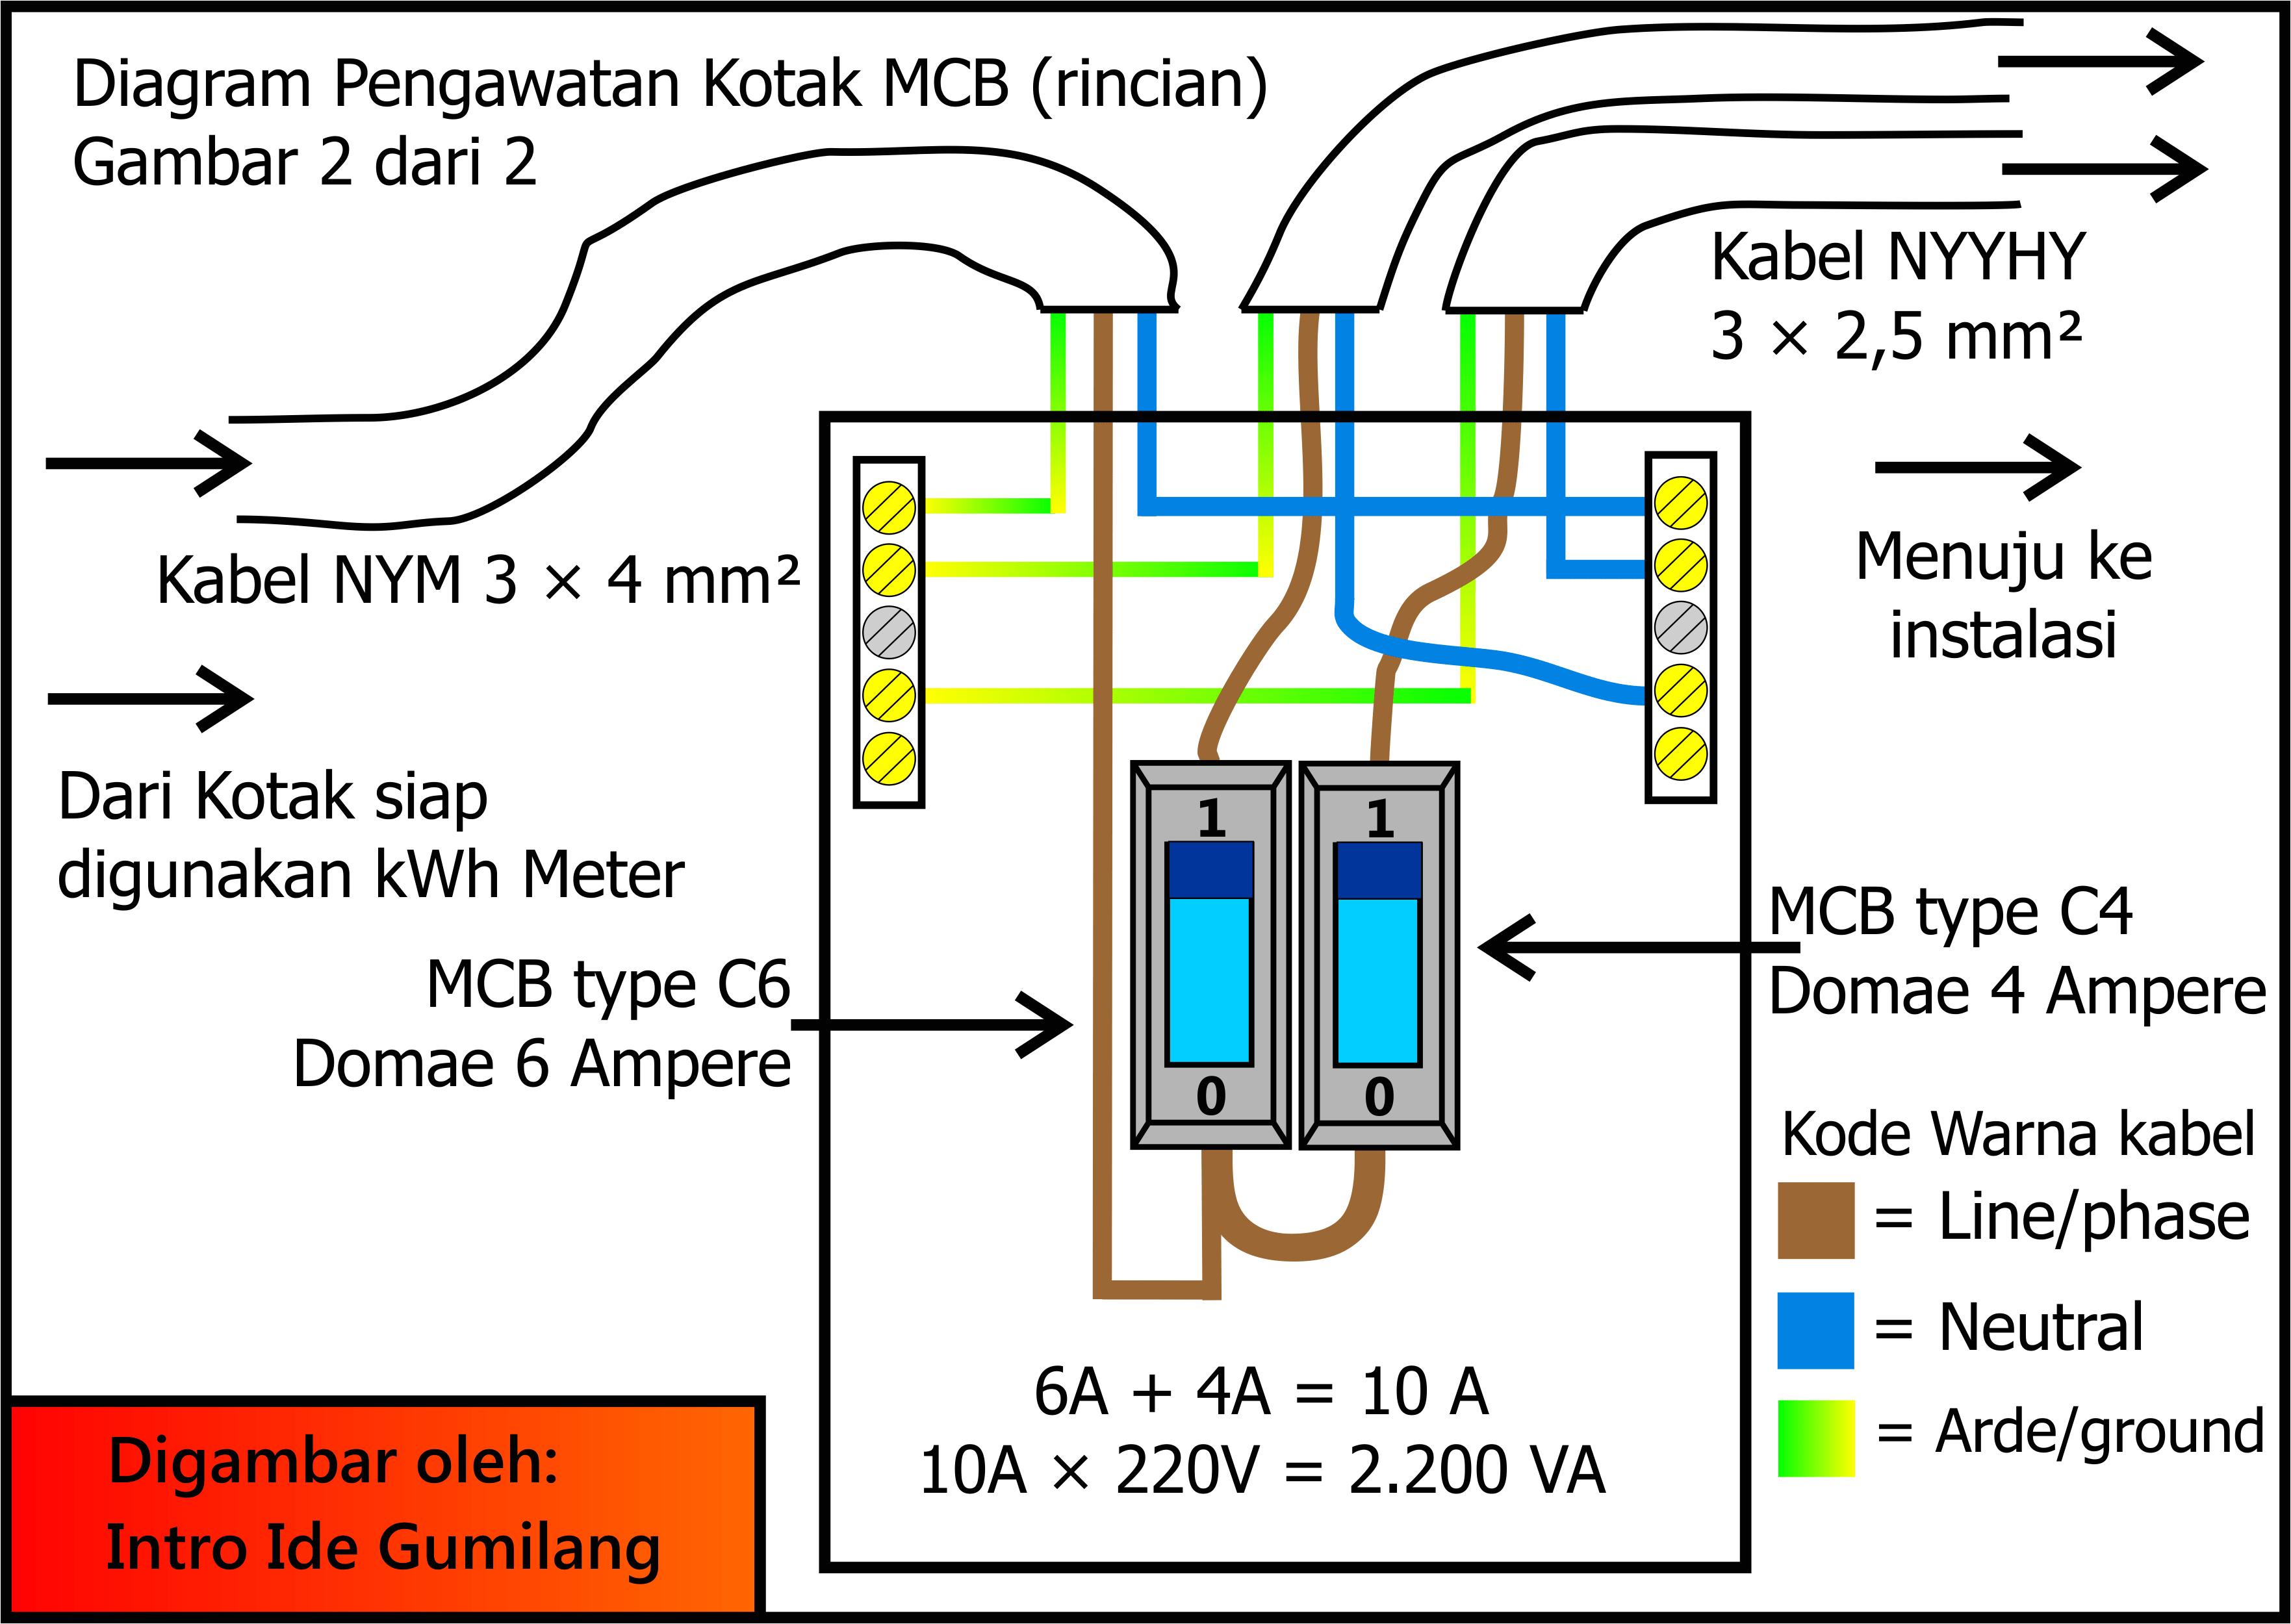 wiring diagram for mk garage kit wiring diagram used mk garage unit wiring diagram wiring diagram